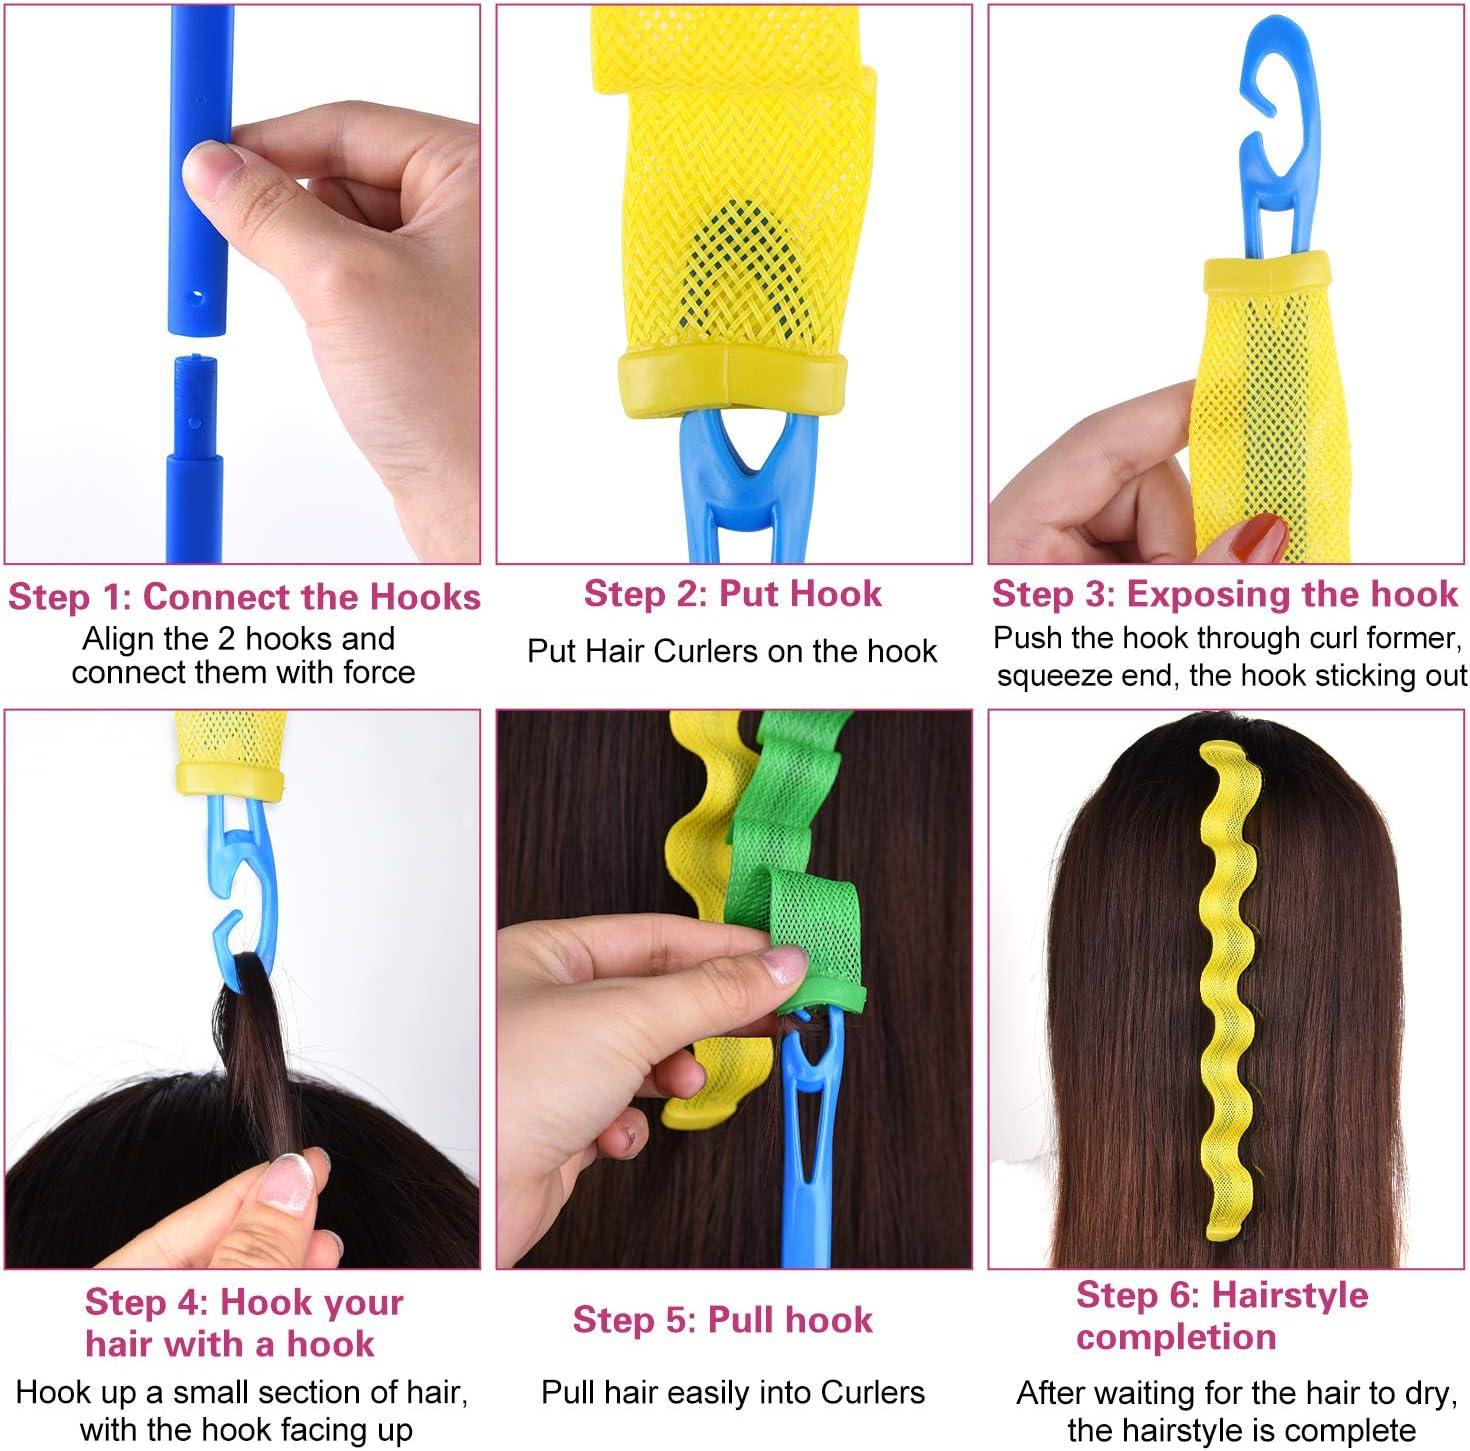 FEPITO 36 Paquete Magic Hair Rodillos Kit de los bigudíes espiral rizos Wave Hair Styling Sin calor rizador de pelo y estilo ganchos para todas las longitudes de pelo, 45cm / 18inch: